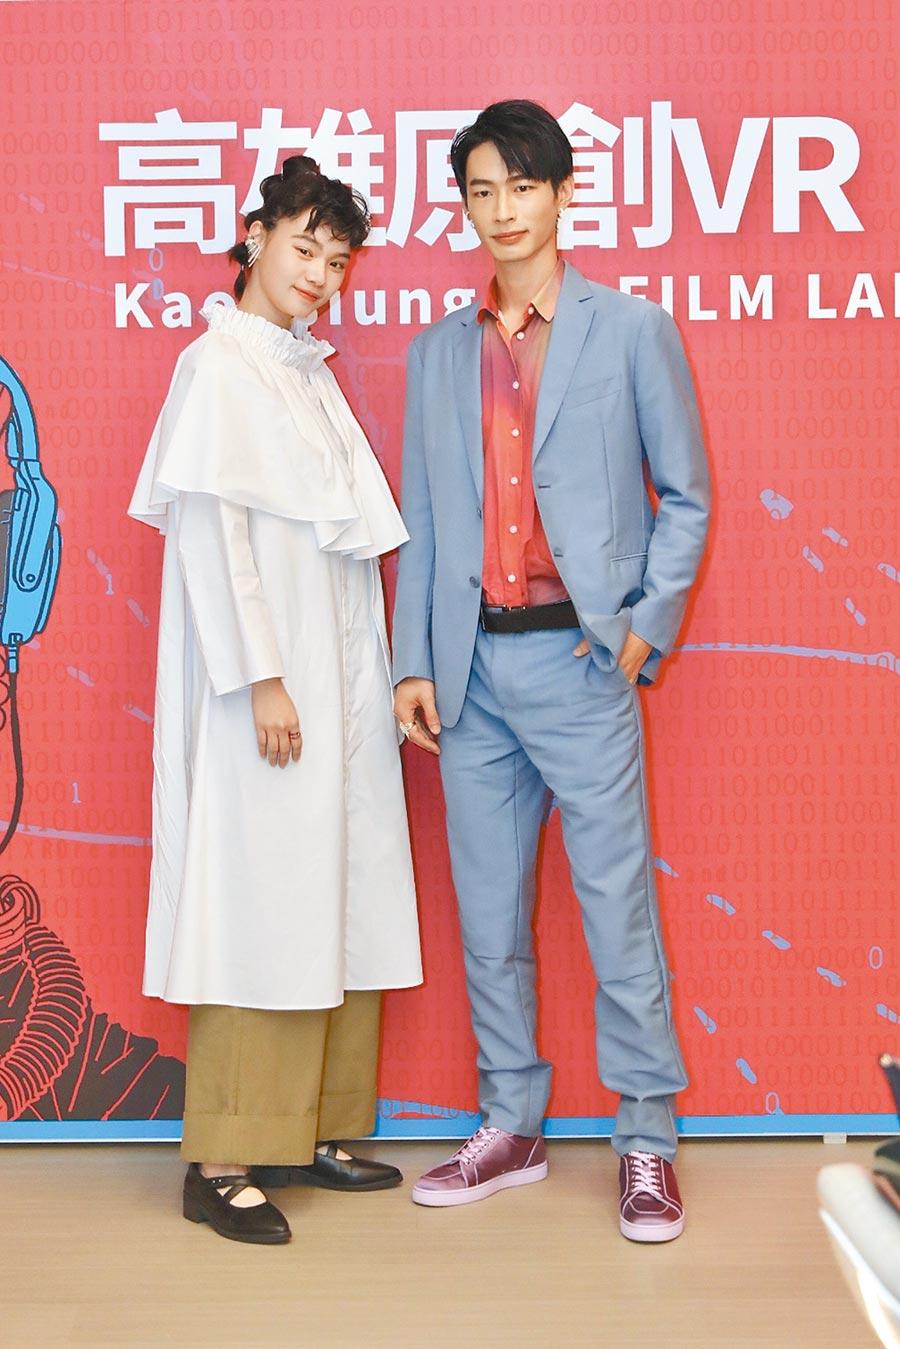 王真琳(左)跟黃河主演《看著我》在雄影放映。(雄影提供)